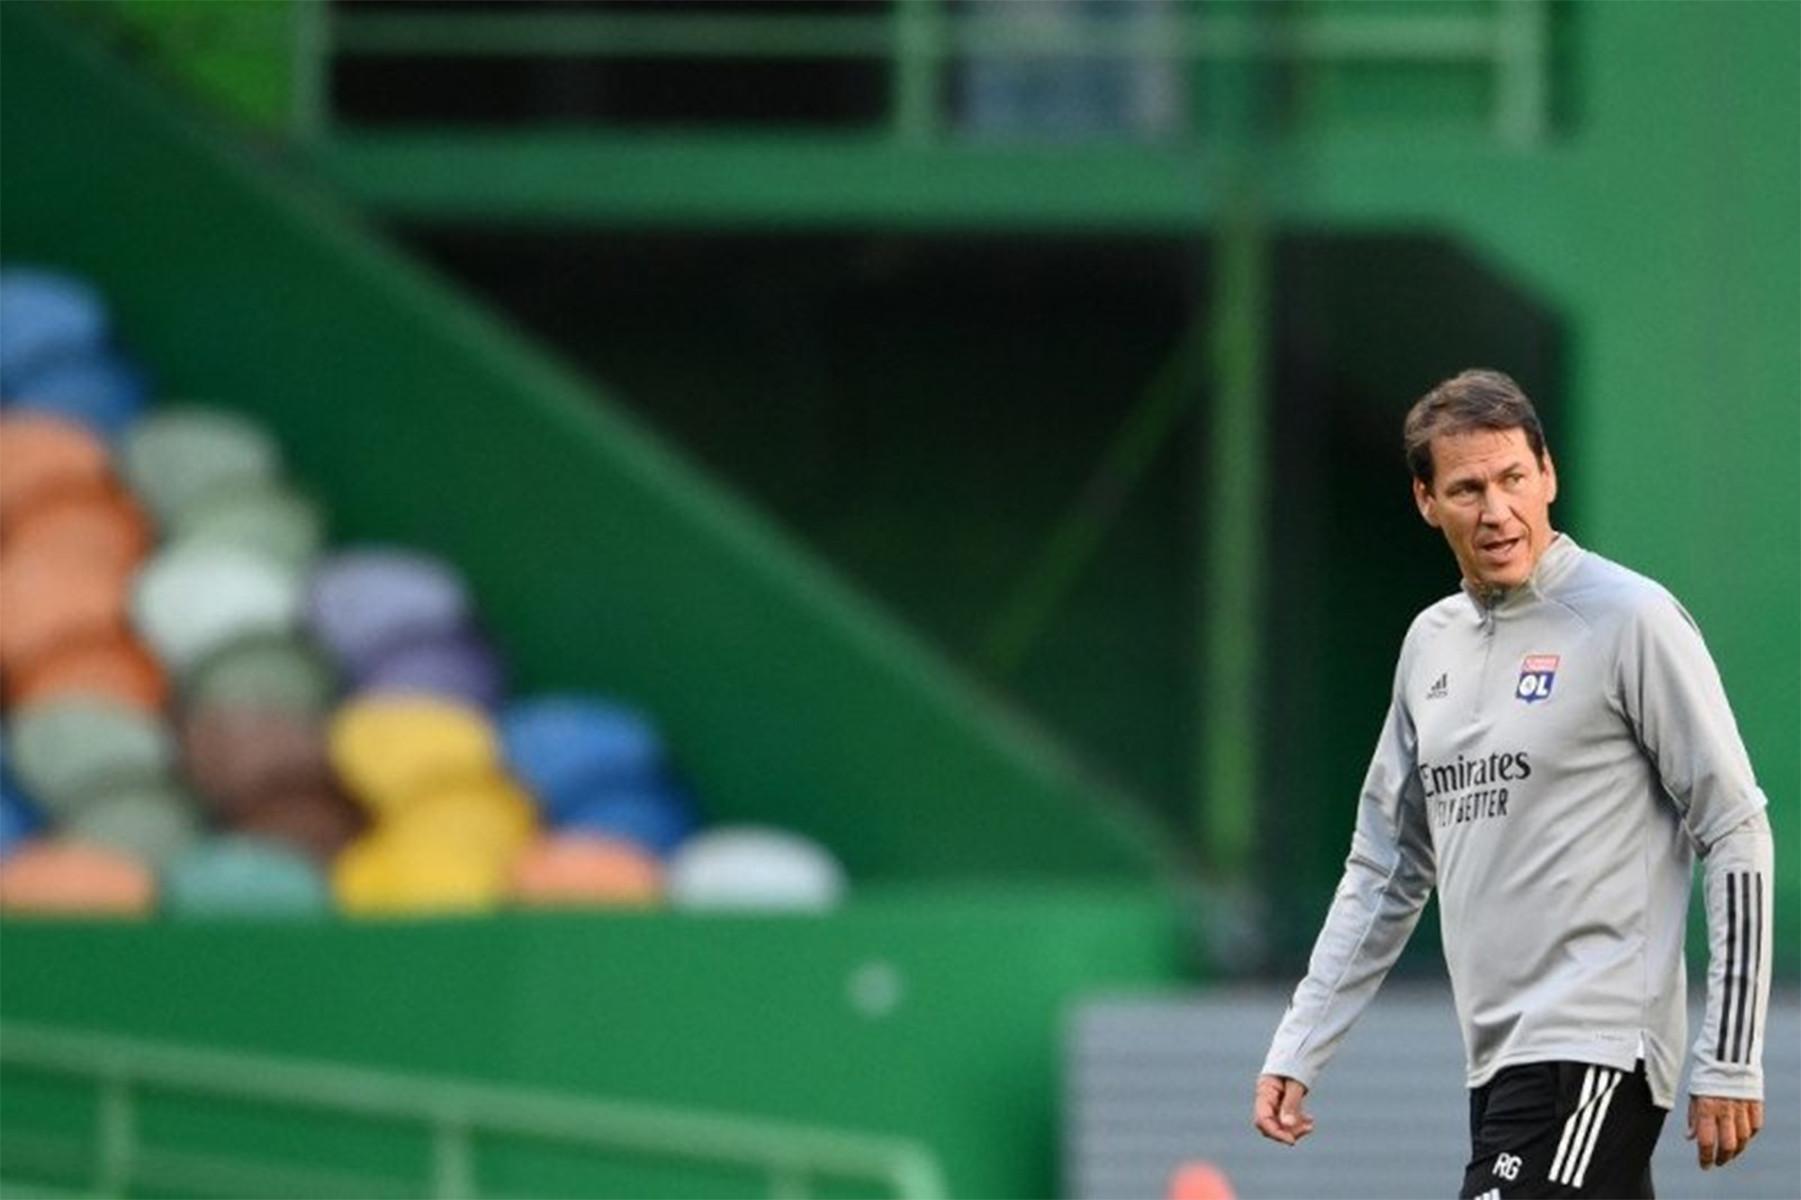 Lyon Bisa Menjadi Penyakit Buat Bayern Muenchen - JPNN.com